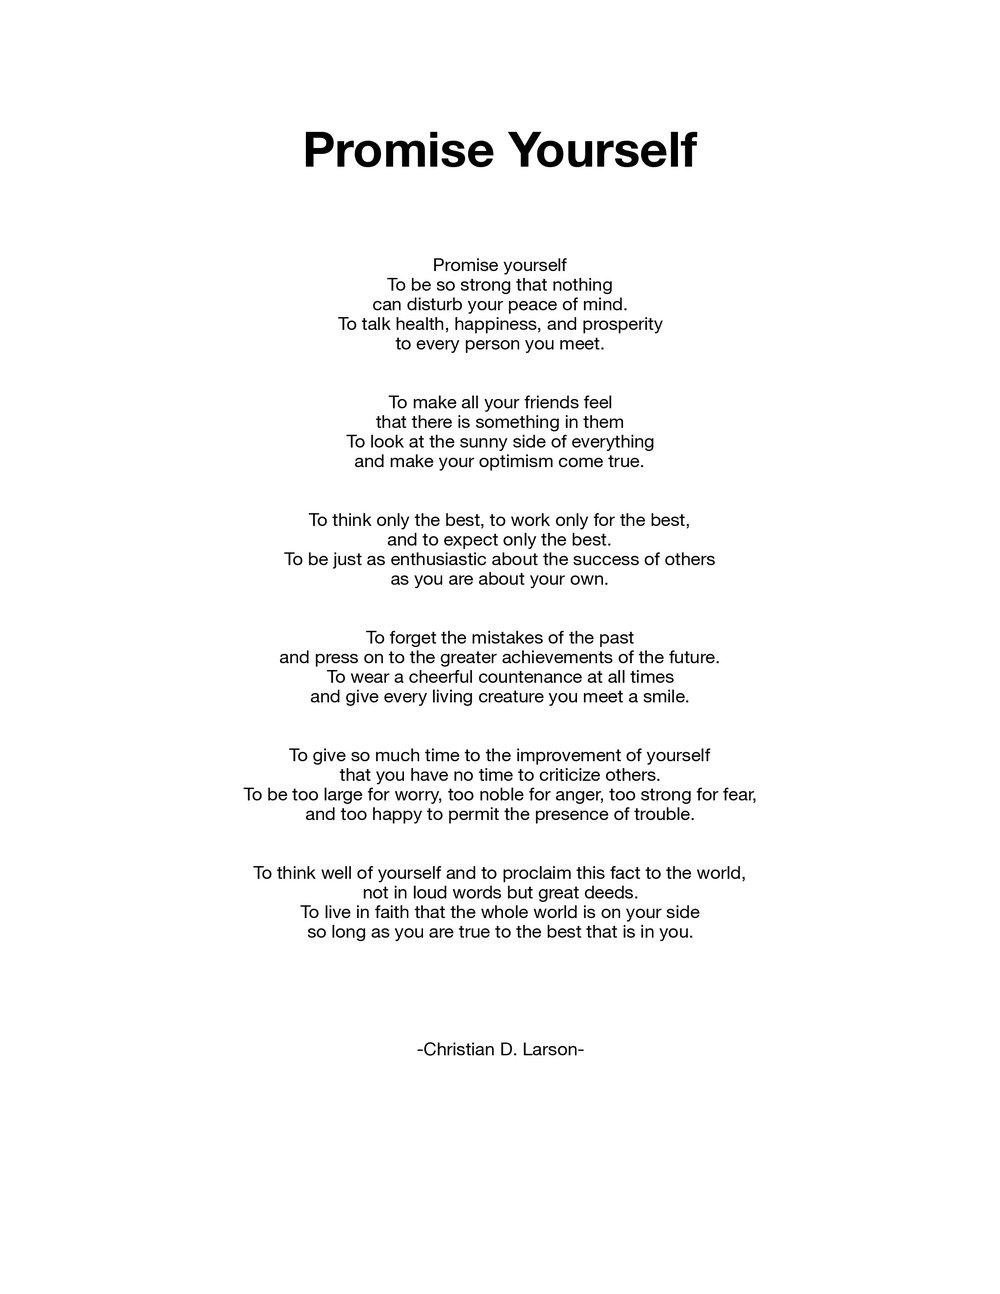 Promise Yourself Poem 2018 JPEG.jpg